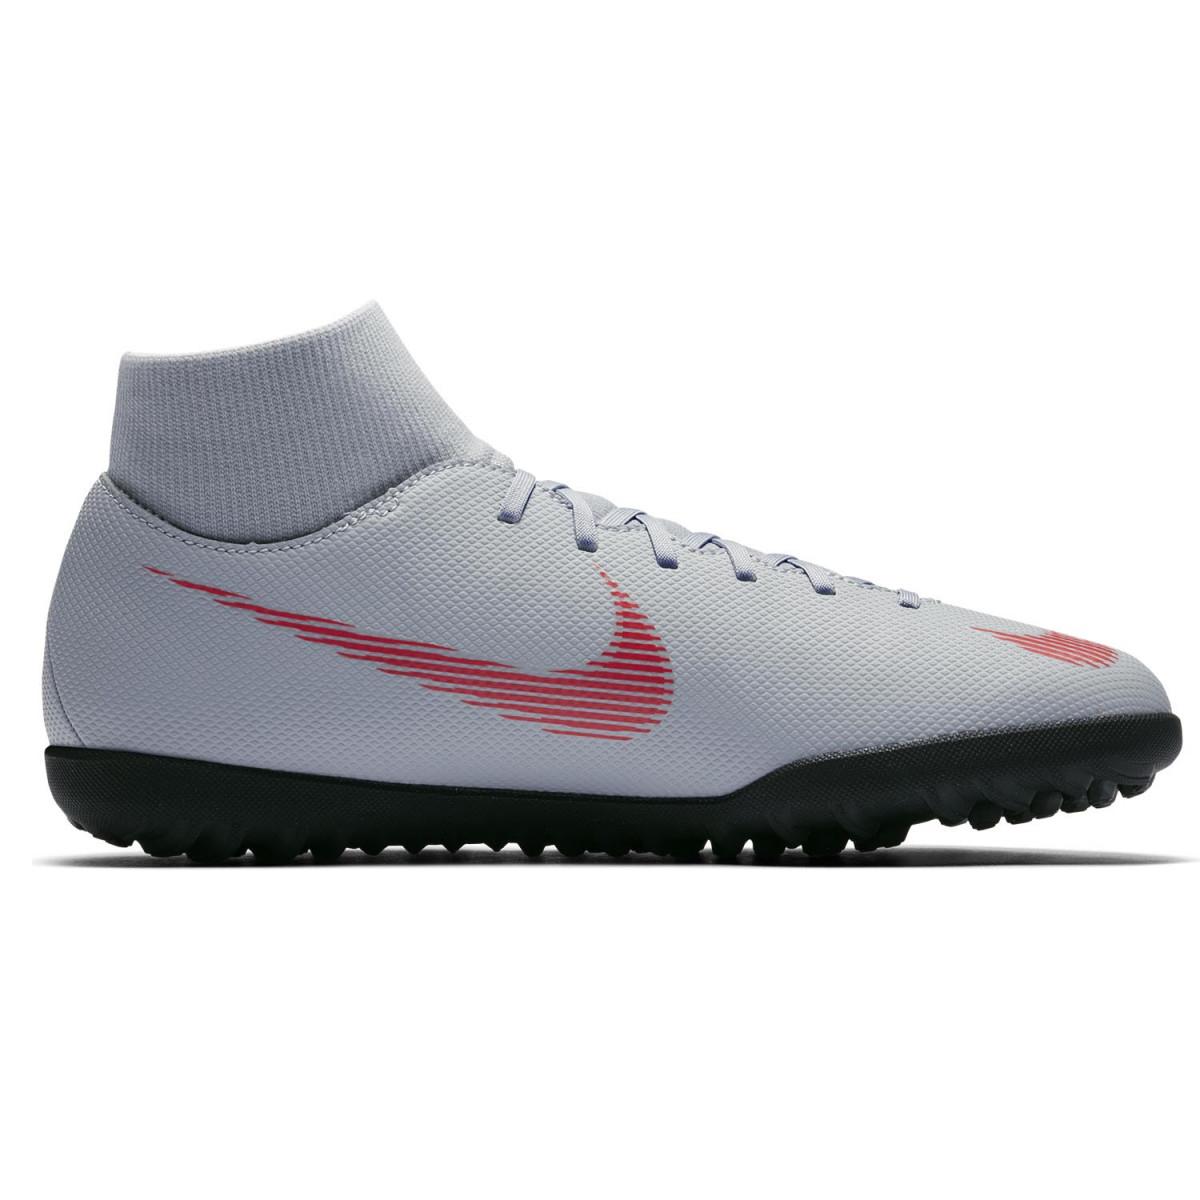 dd0635a06f7 Botines Nike Superfly 6 Club Tf